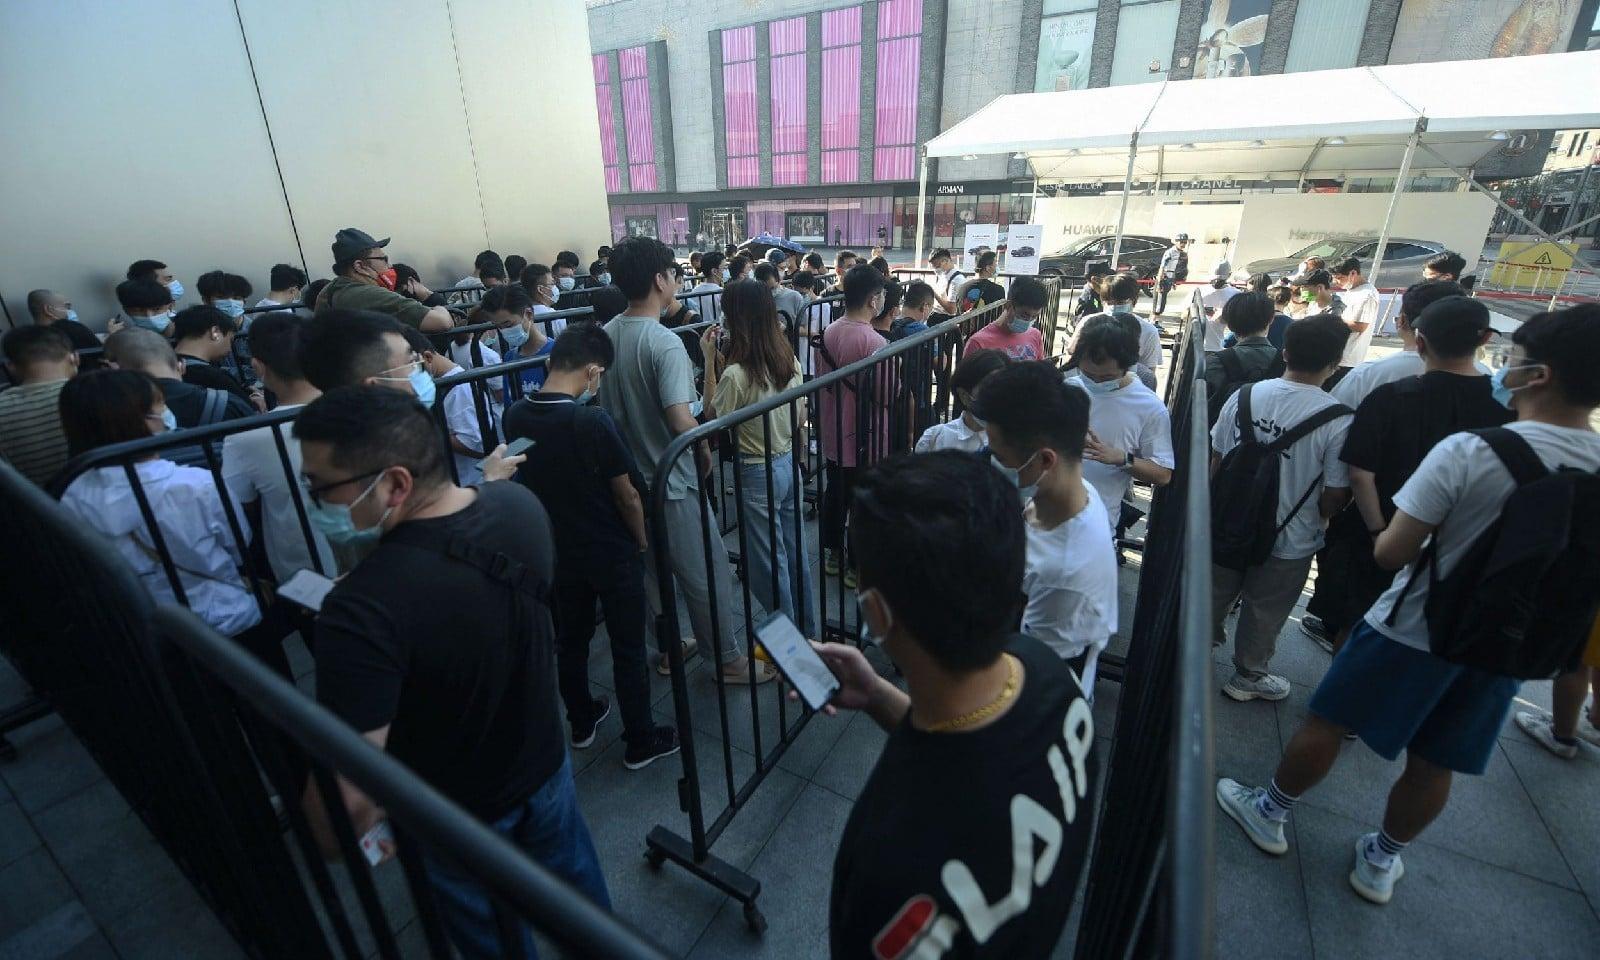 ہوانگزو میں آئی فونز خریدنے کے لیے لوگ کئی گھنٹوں تک انتظار کرتے رہے، اے ایف پی فوٹو